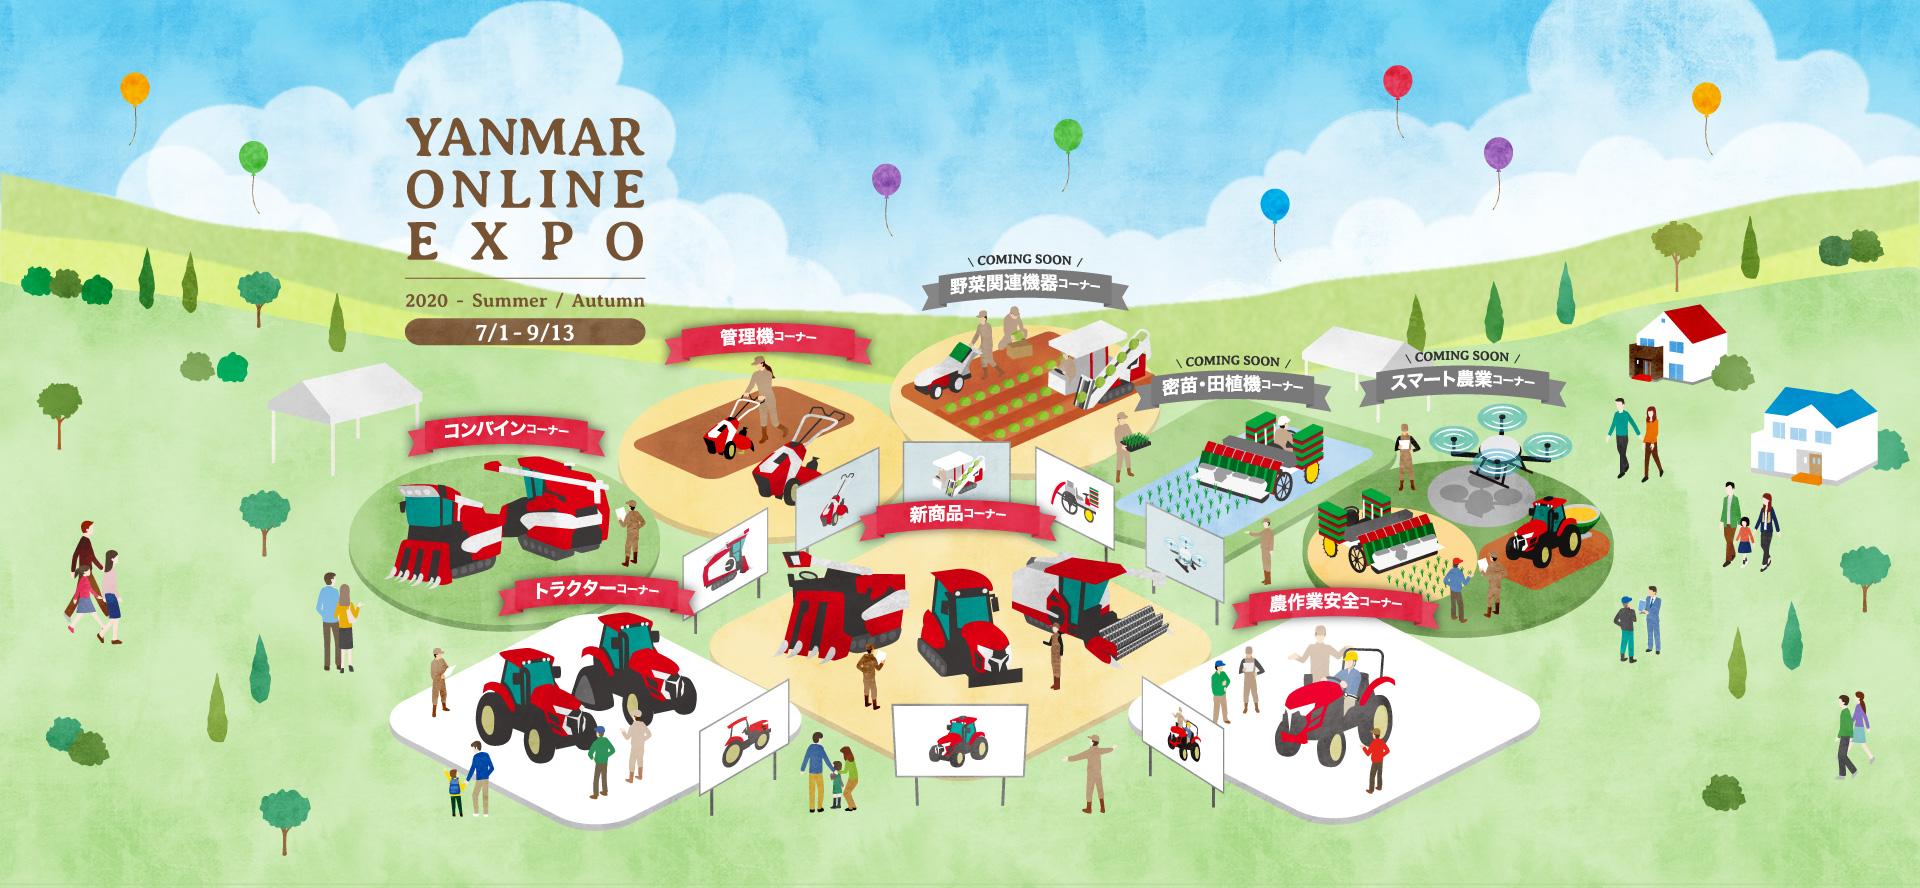 YANMAR ONLINE EXPO 2020